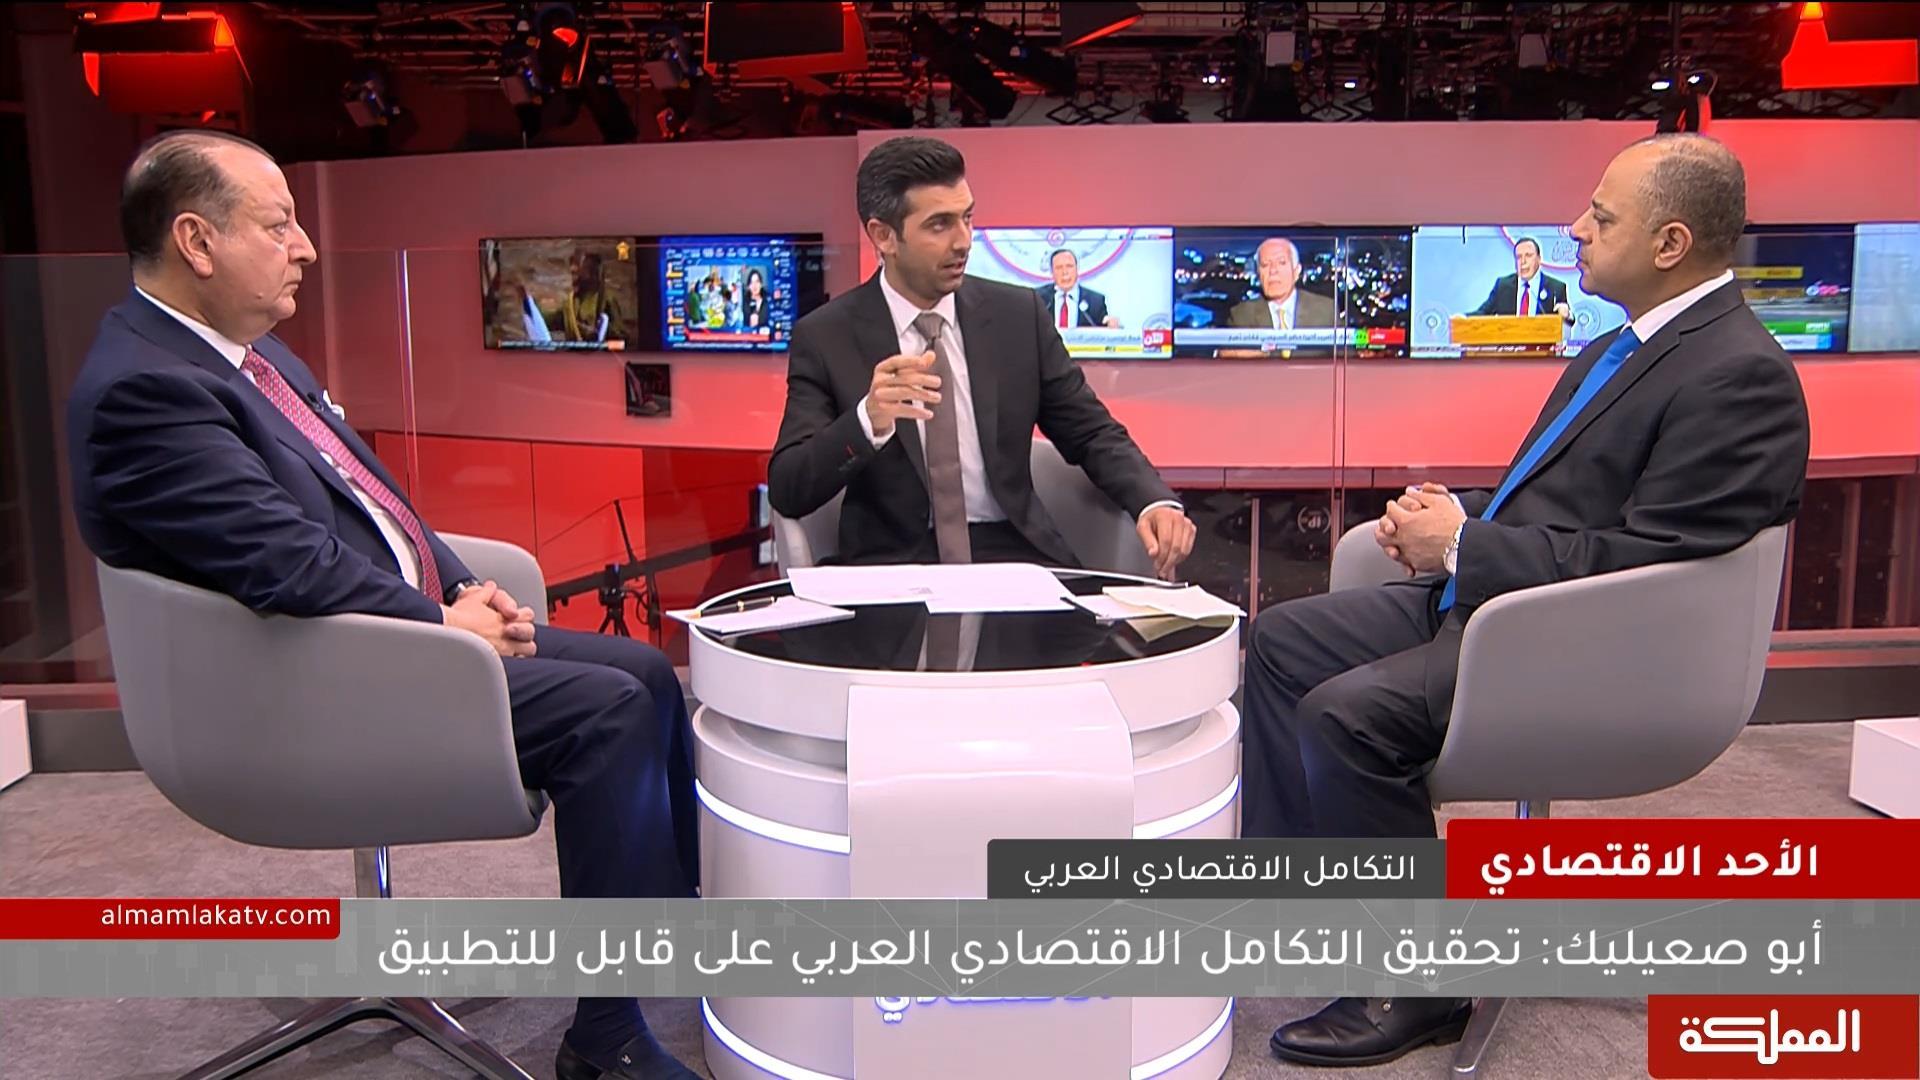 !! الأحد الاقتصادي   التكامل الاقتصادي العربي ... كيف يمكن تحقيقه